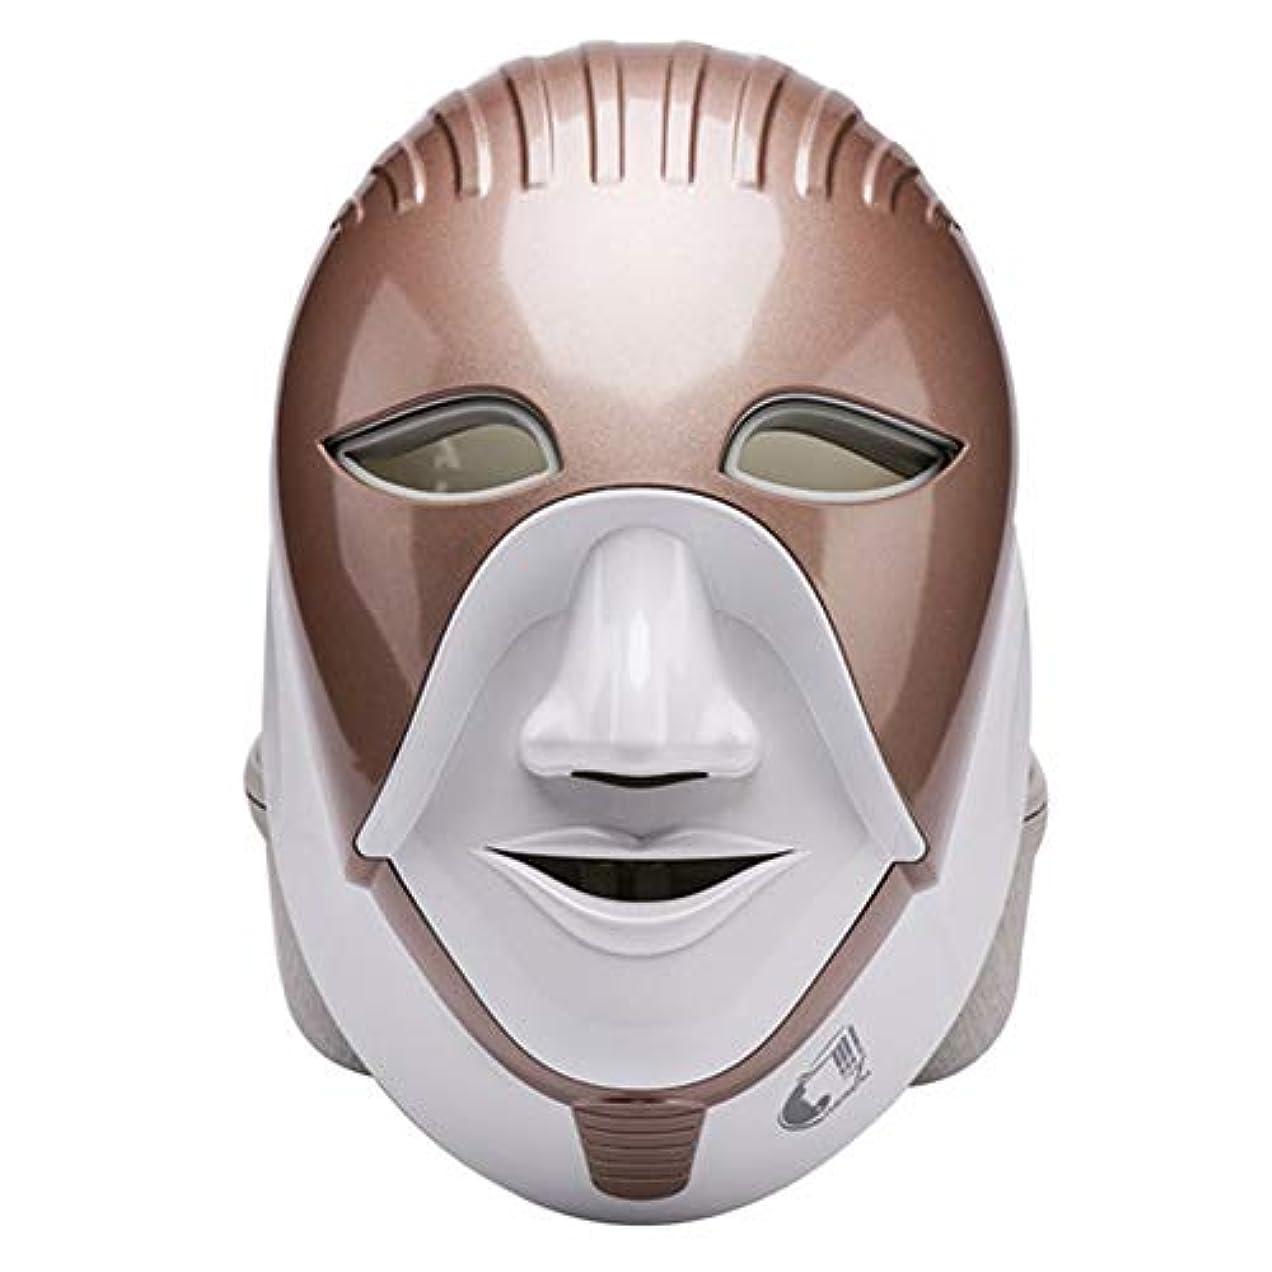 衣装ブラウスを除くマスク、光線療法にきびマスク7色光をにきびに適用することができます。スポットにきび、引き締め肌ケアツール